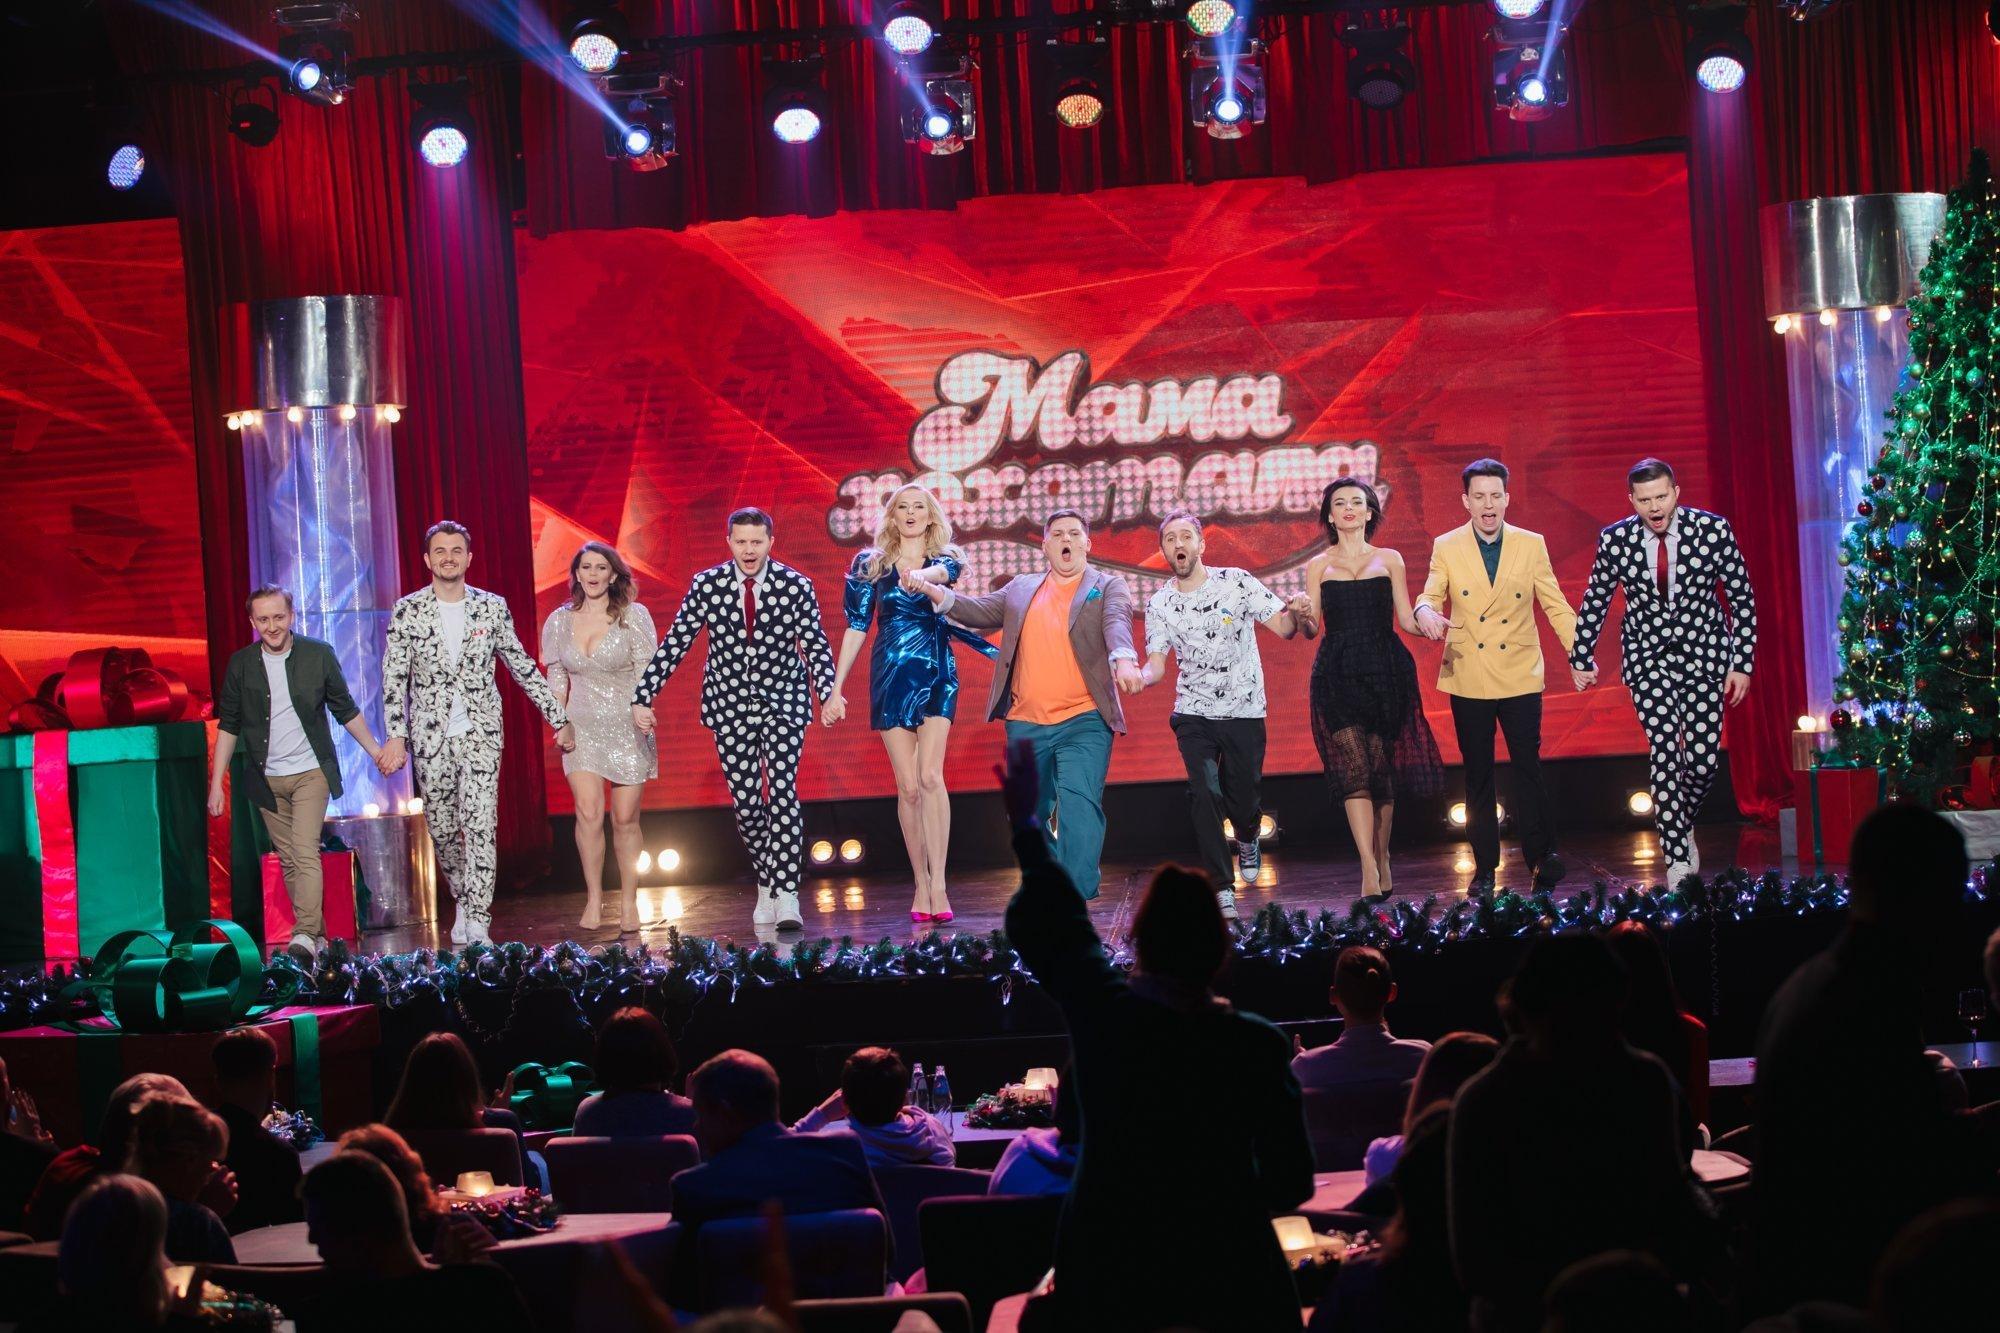 Клёвый коллектив комиков: интервью с актерами студии «Мамахохотала»